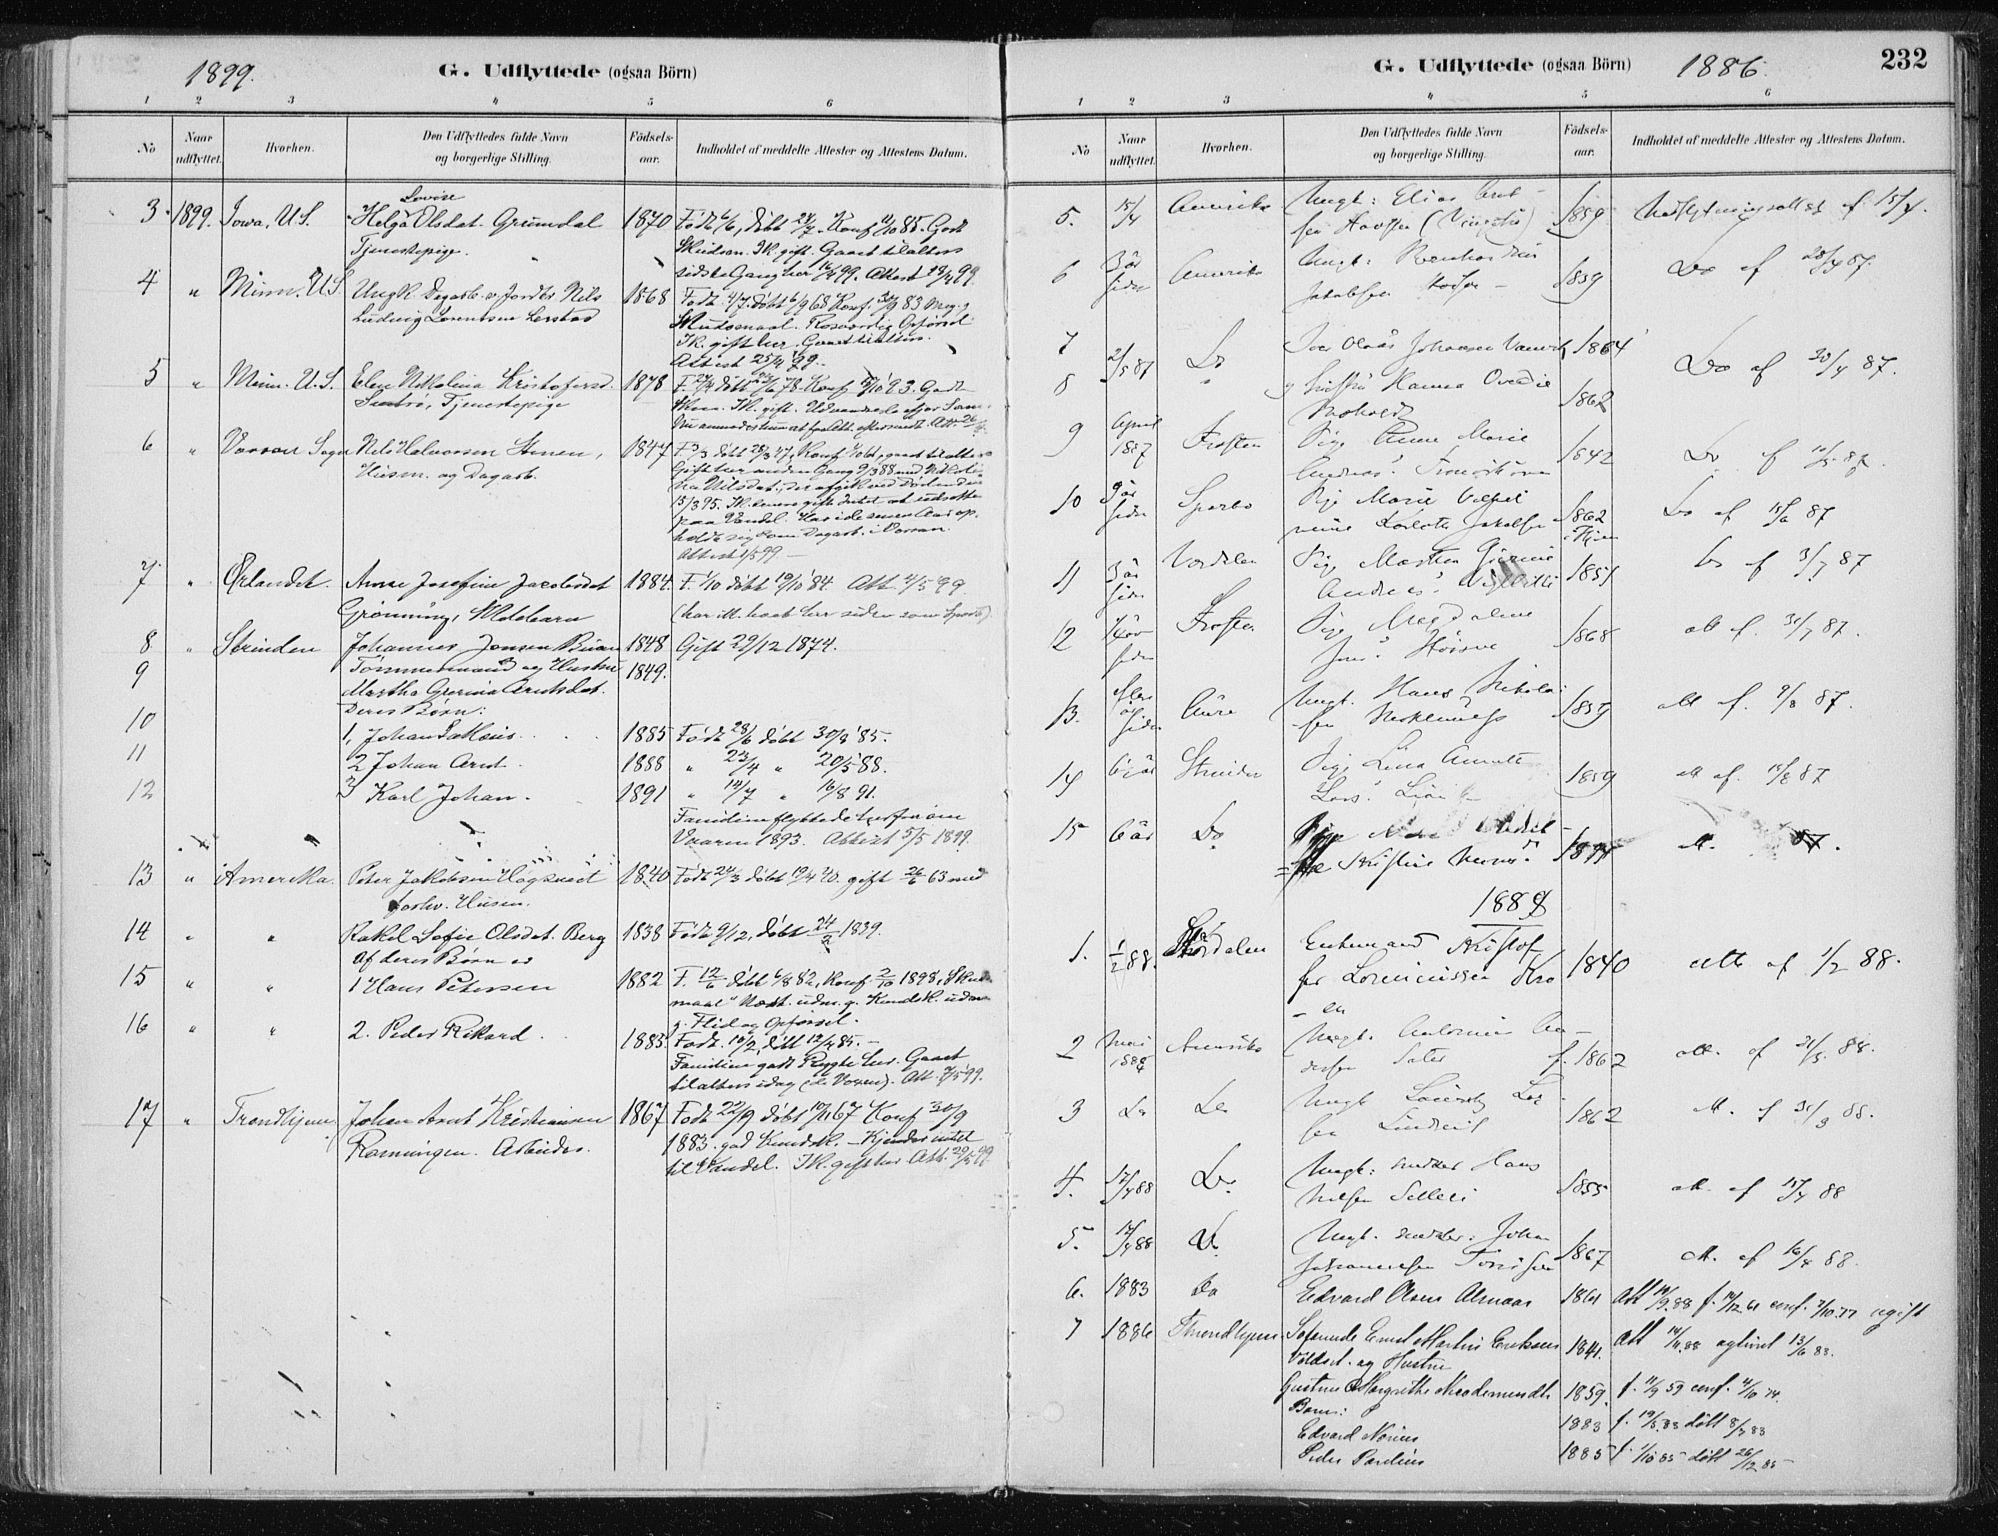 SAT, Ministerialprotokoller, klokkerbøker og fødselsregistre - Nord-Trøndelag, 701/L0010: Ministerialbok nr. 701A10, 1883-1899, s. 232